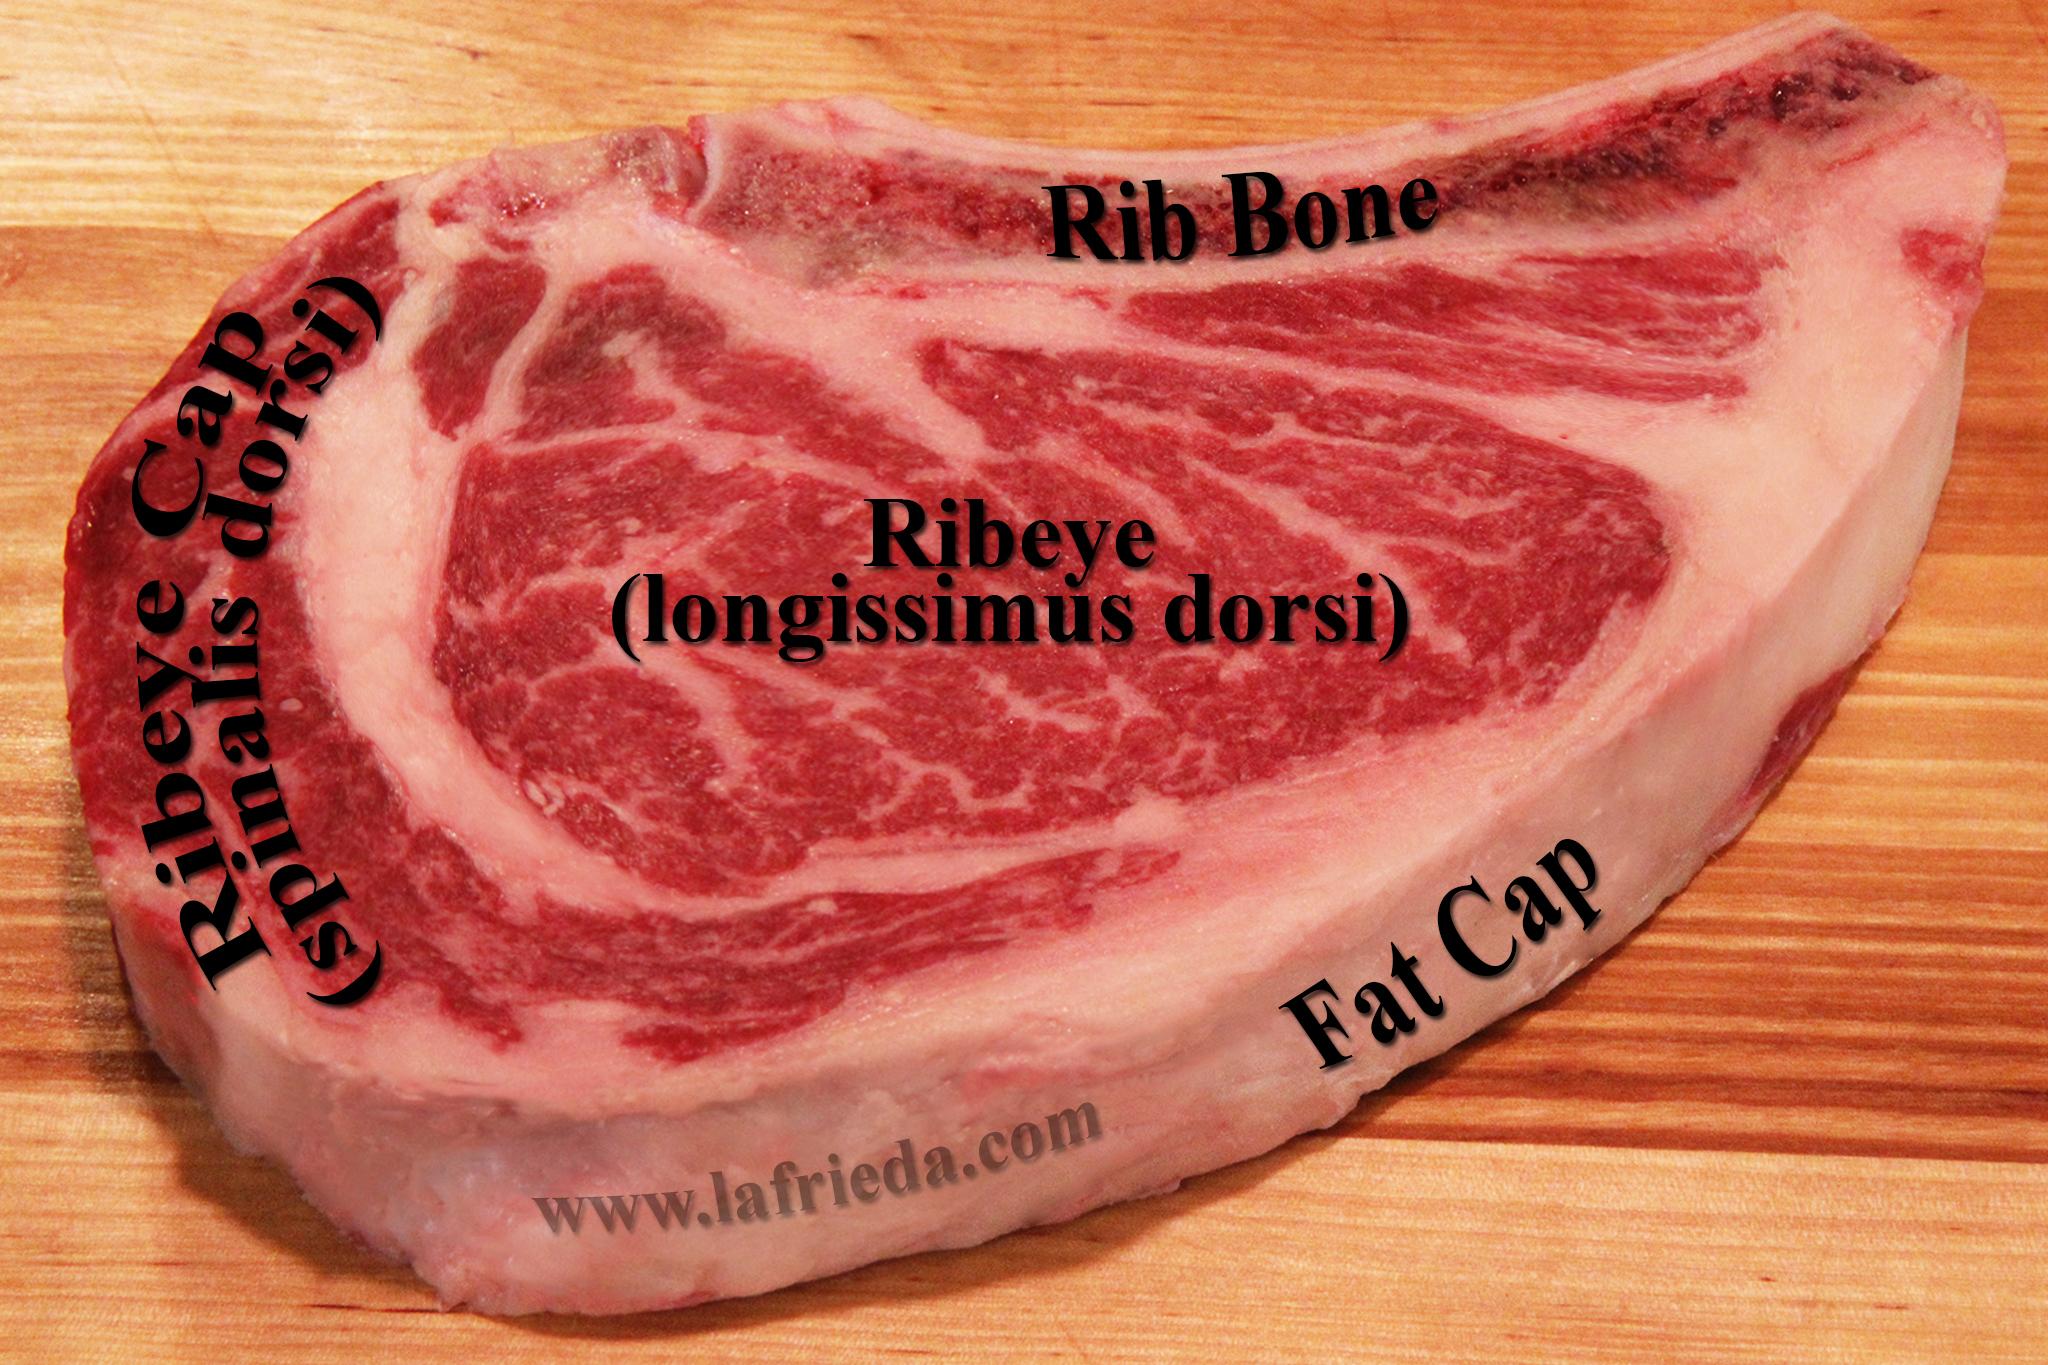 Rib Eye Steak Pat Lafrieda Meat Purveyors